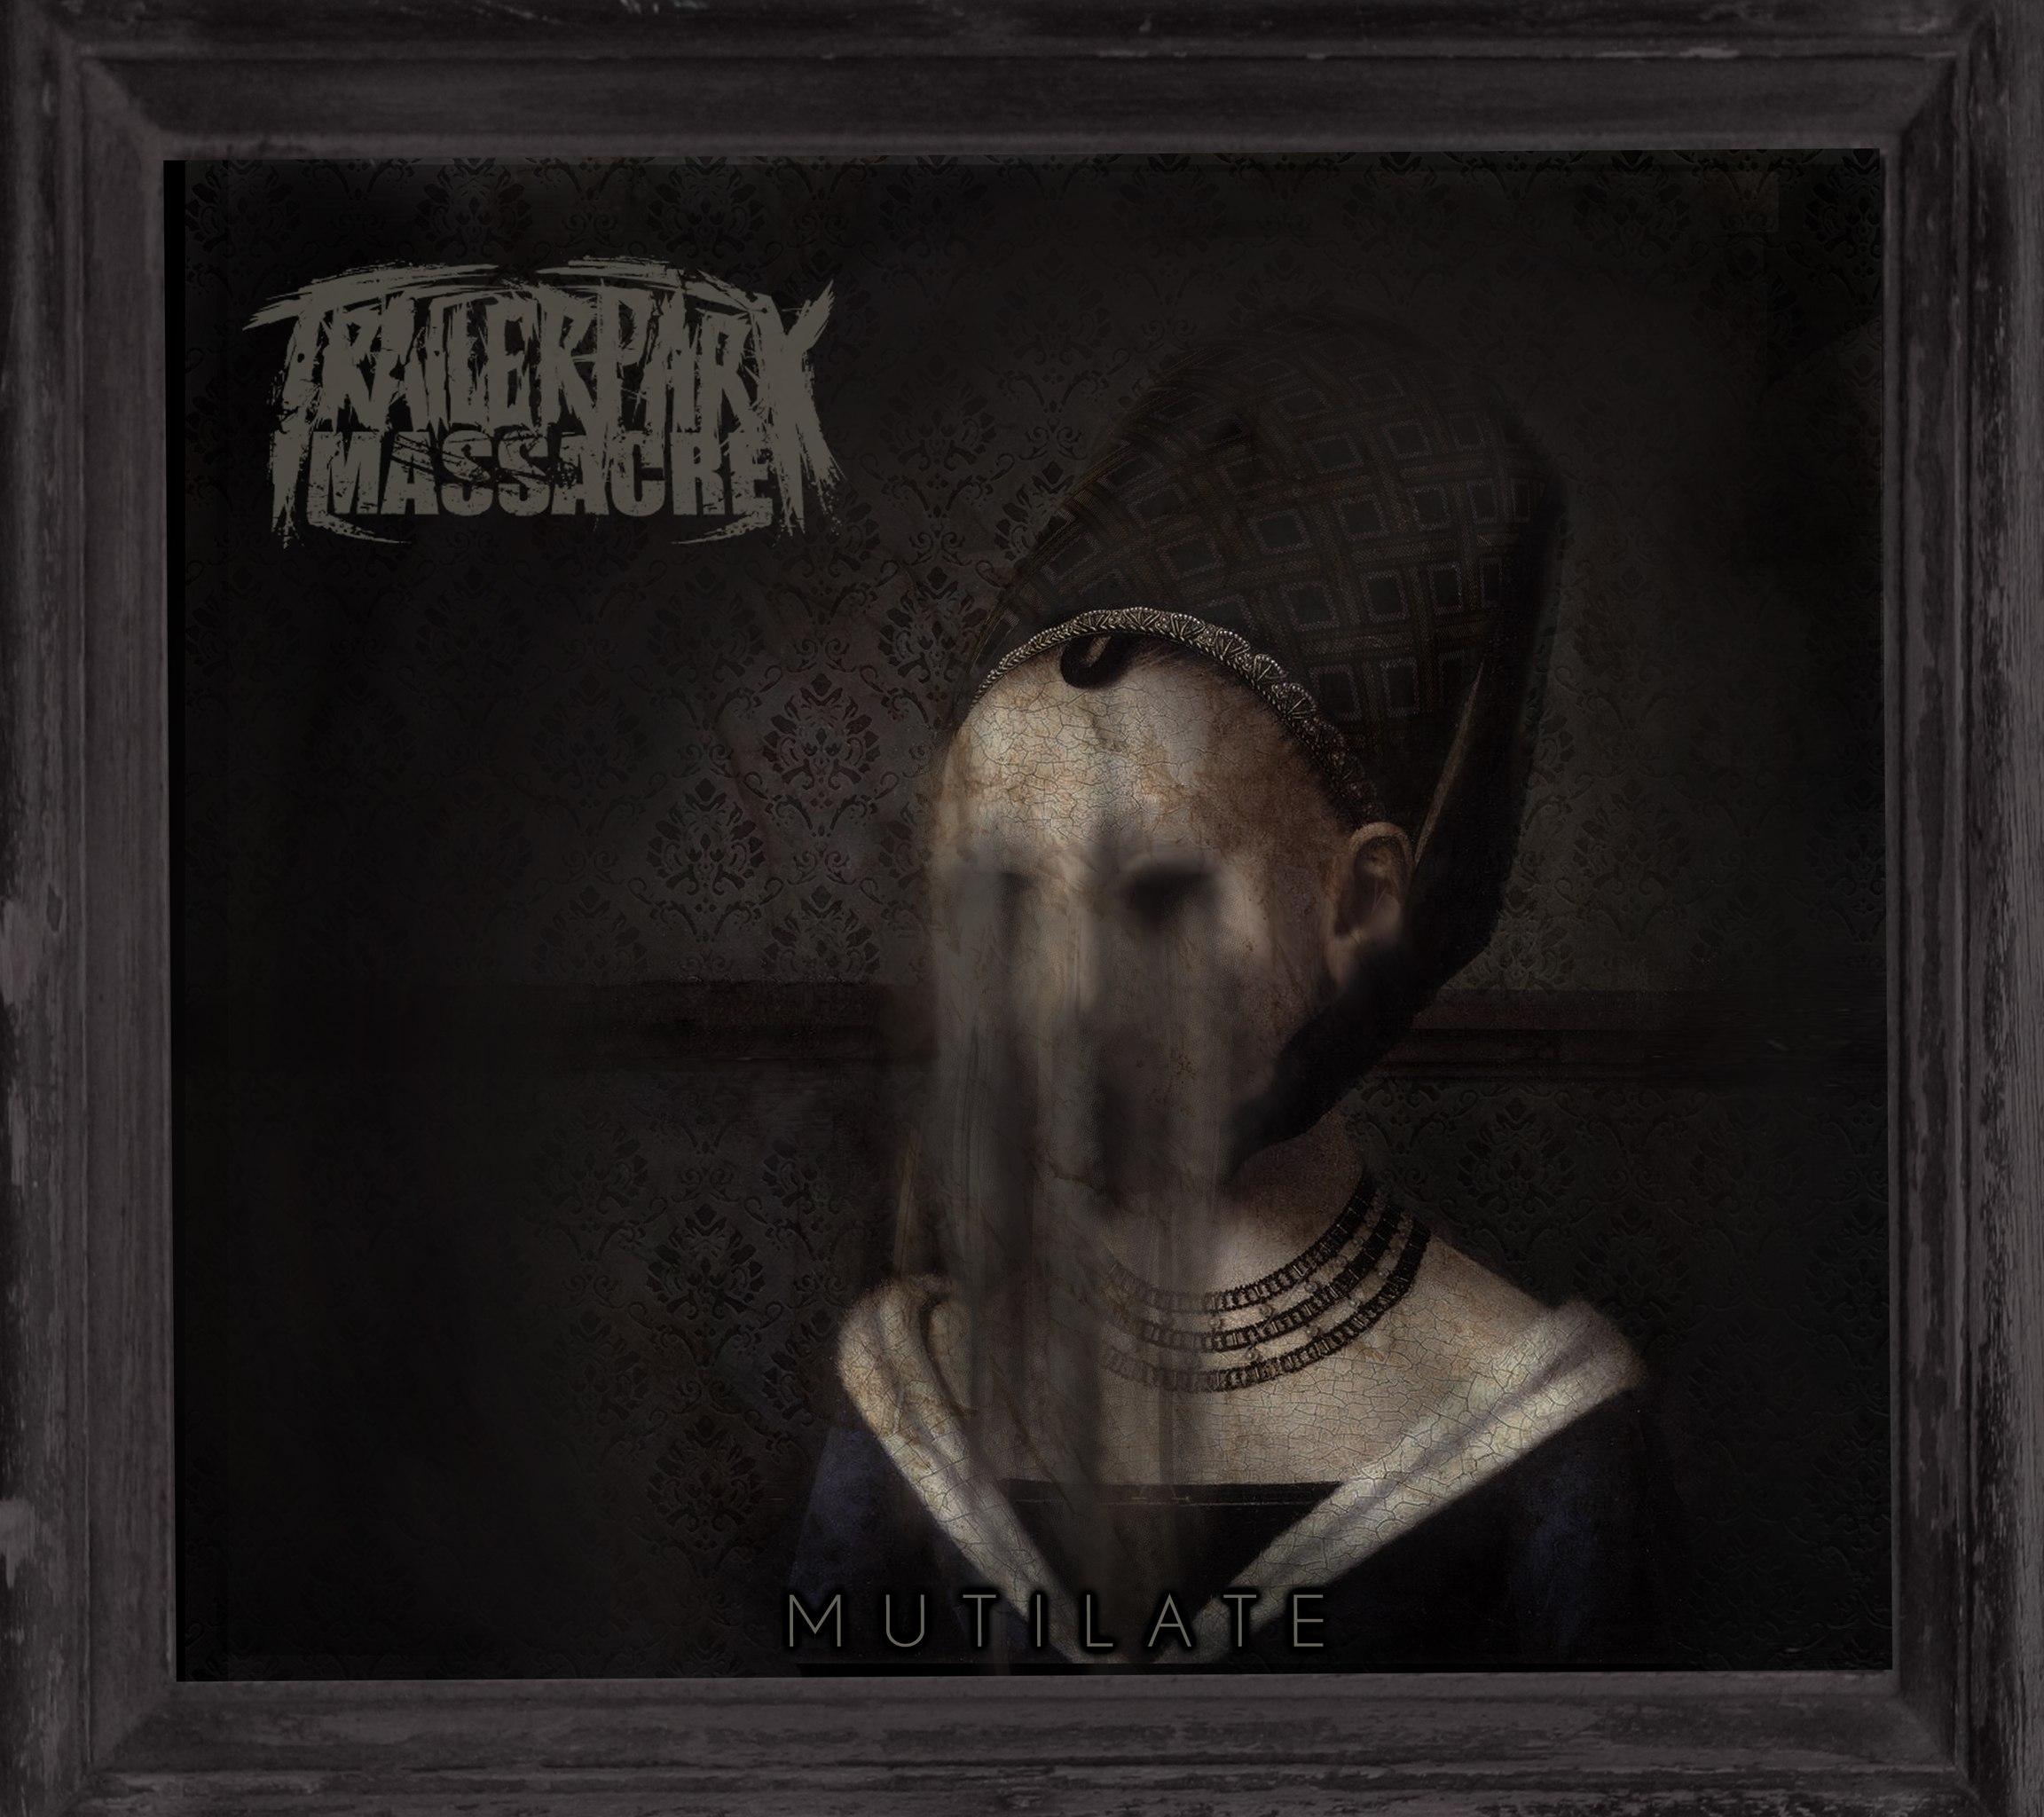 Trailer Park Massacre - Mutilate [EP] (2012)